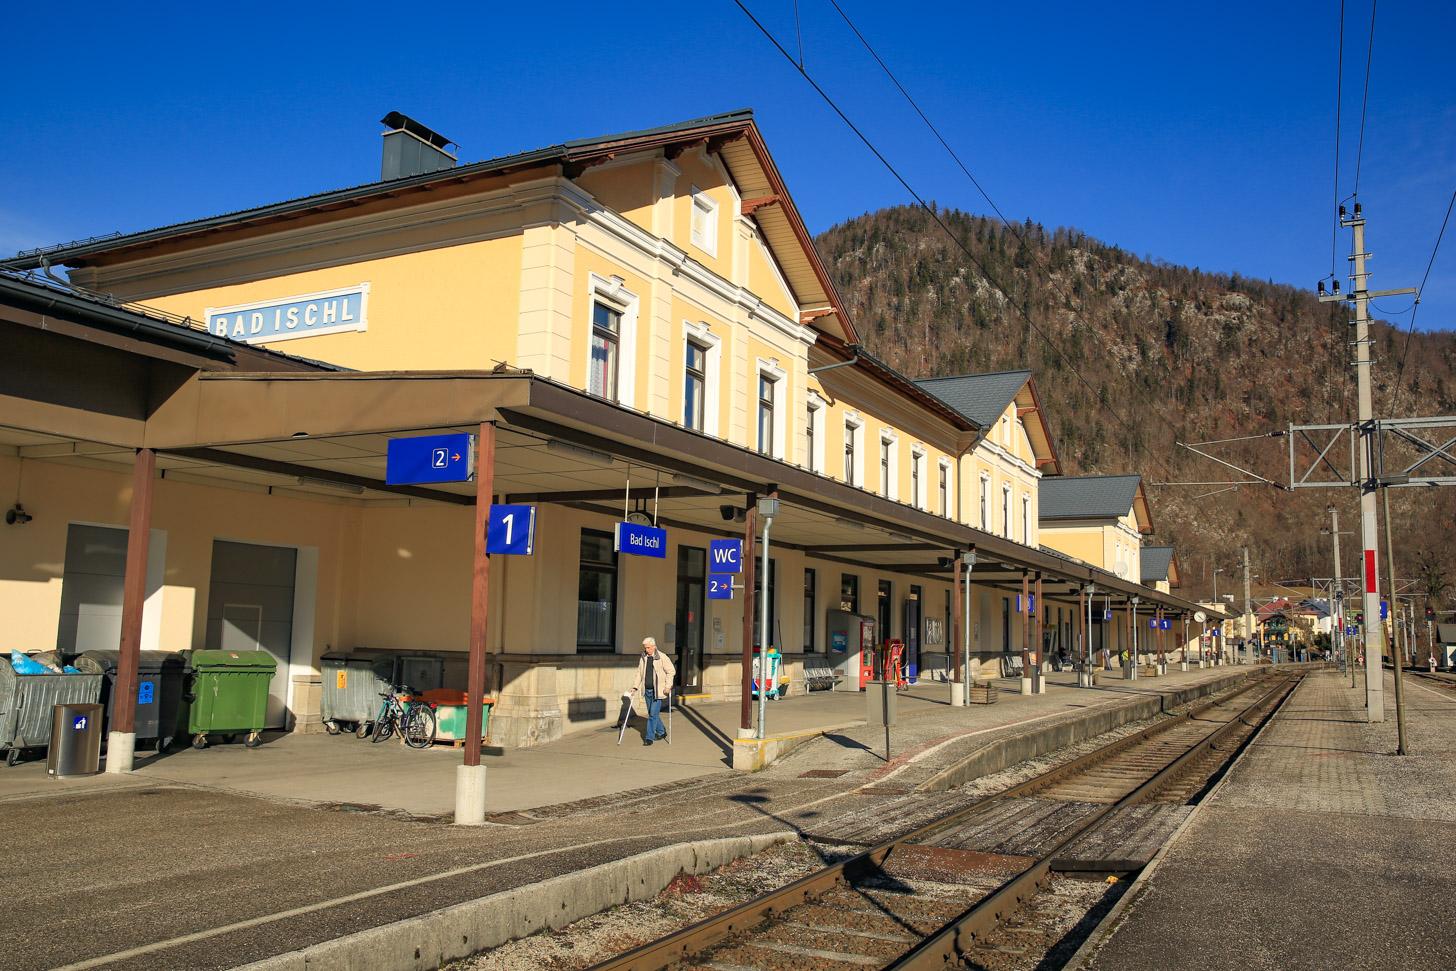 Met de trein naar Oostenrijk reizen